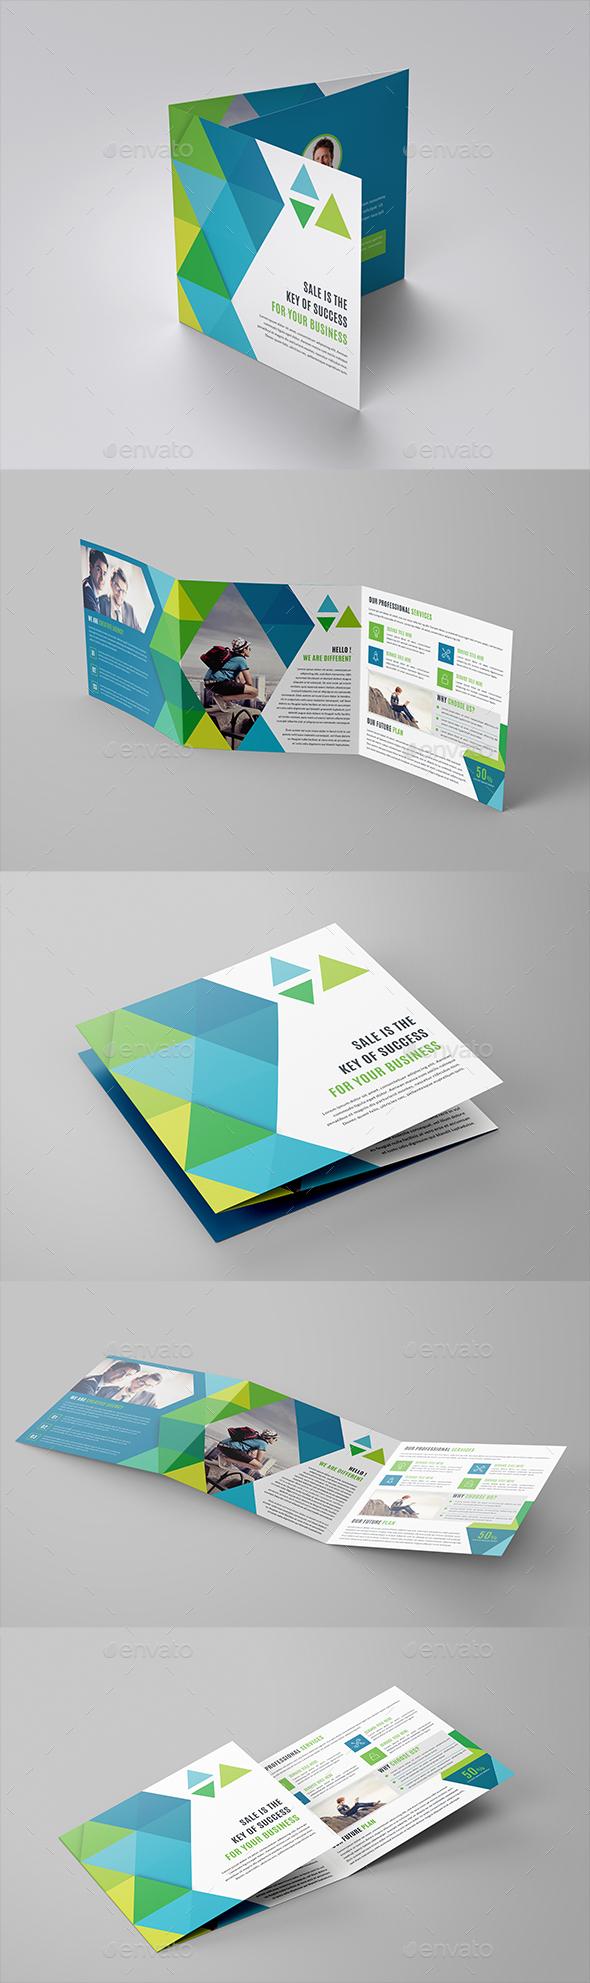 GraphicRiver Square Tri-Fold Brochure Template 20540906